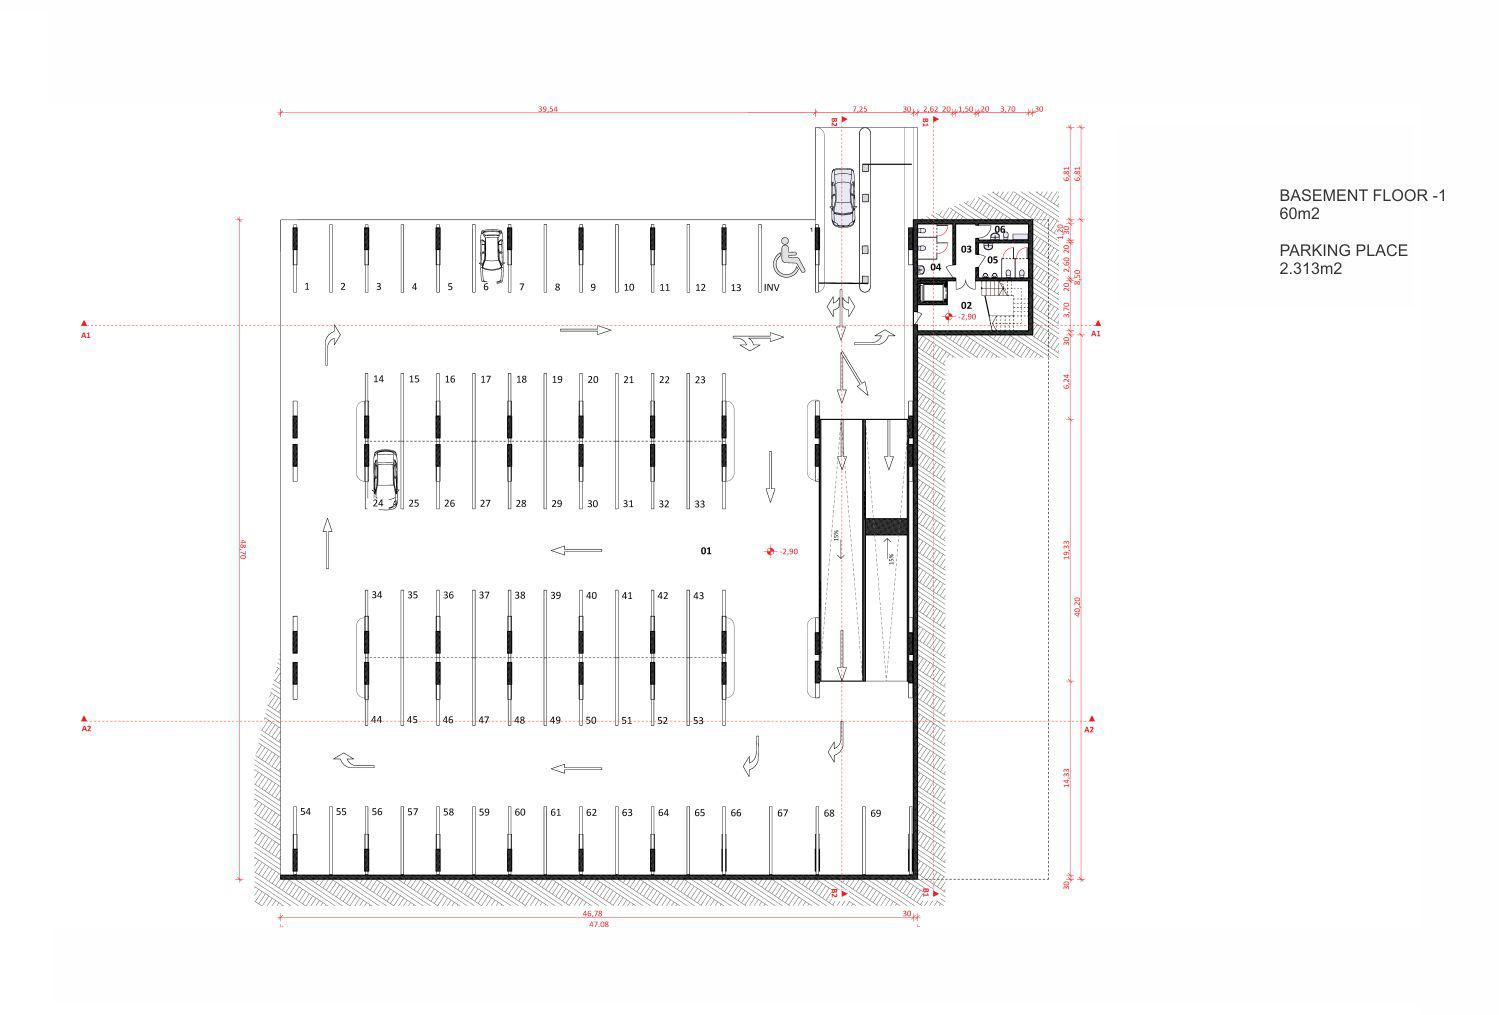 Basement Floor -1 Superform}